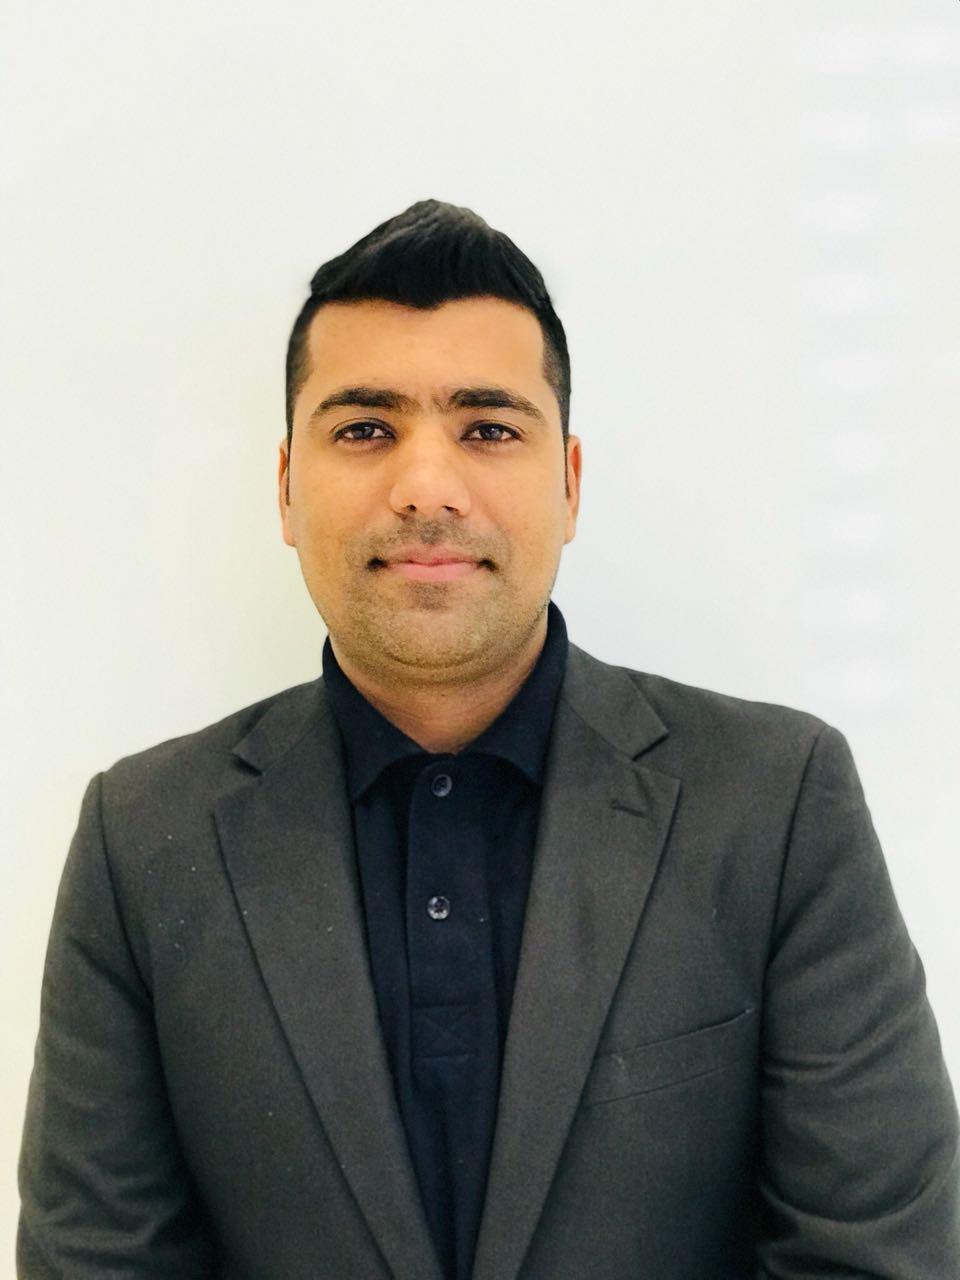 Bilal Shah